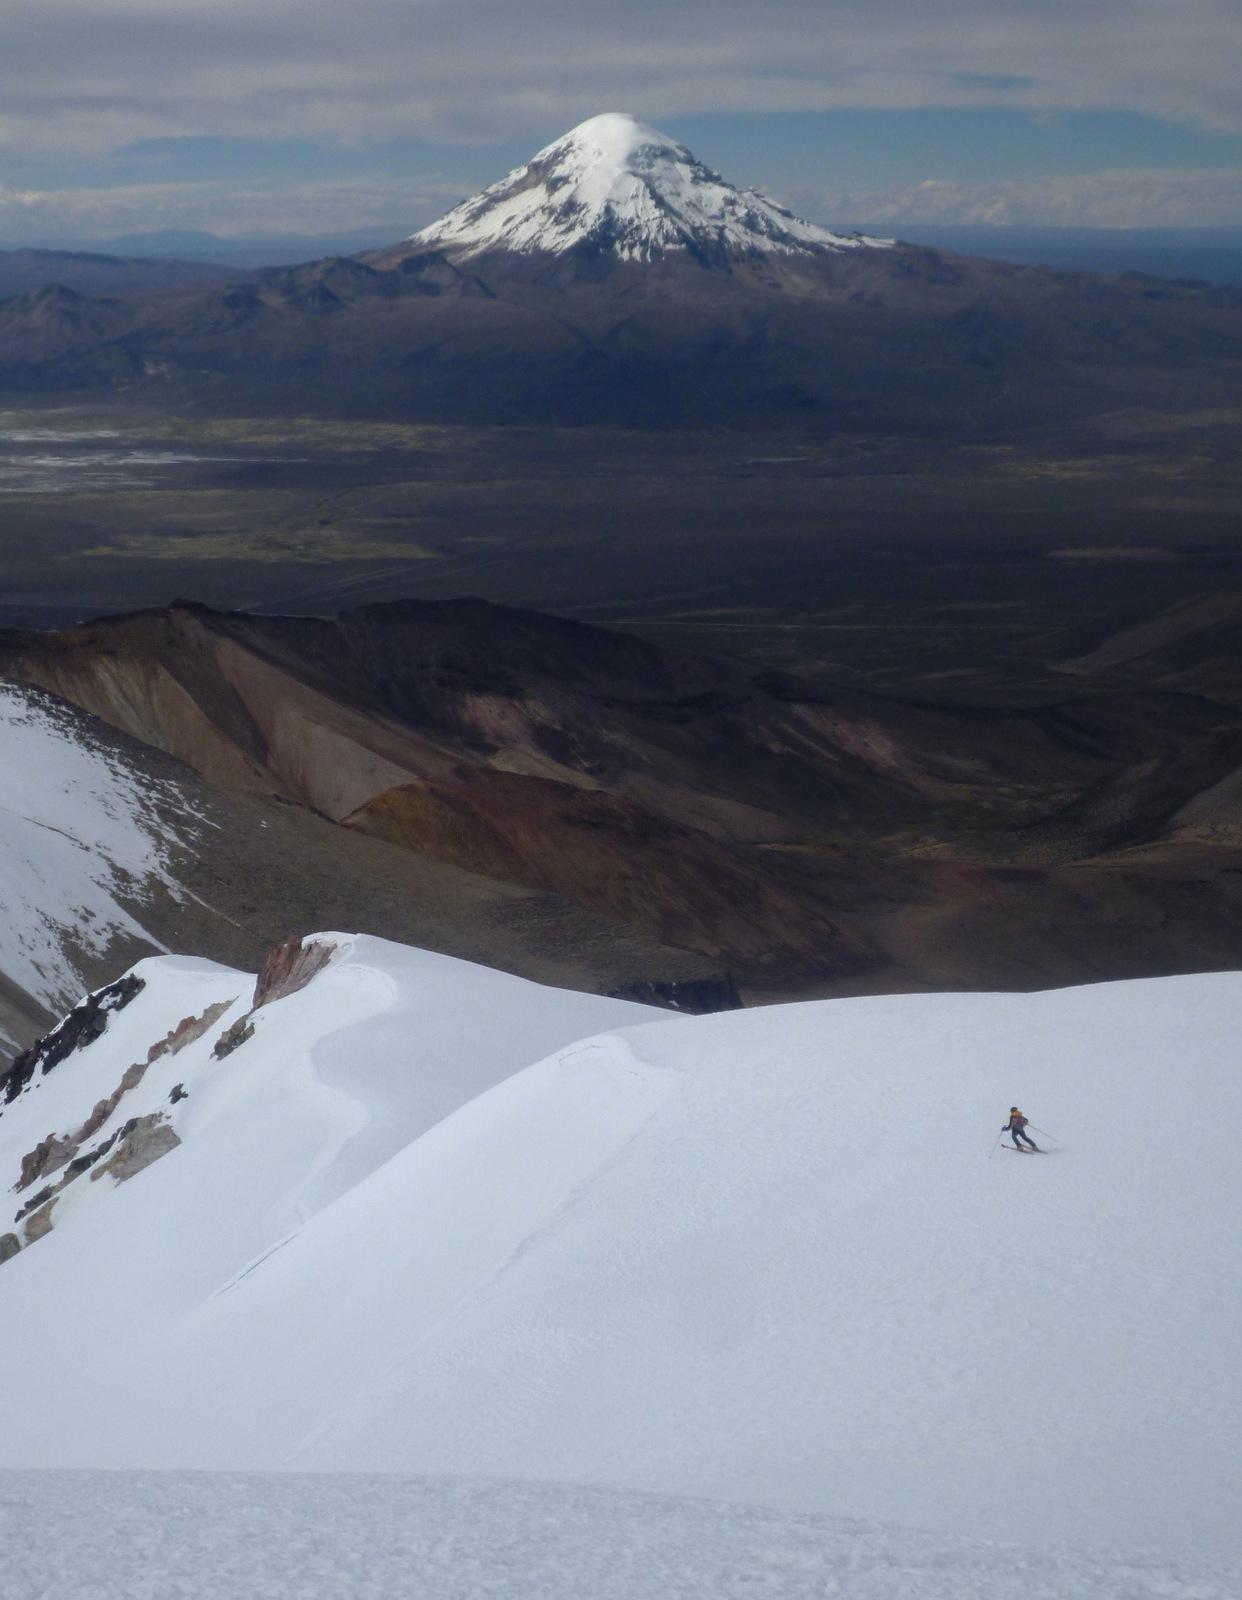 skiing with view on Sajama volcano